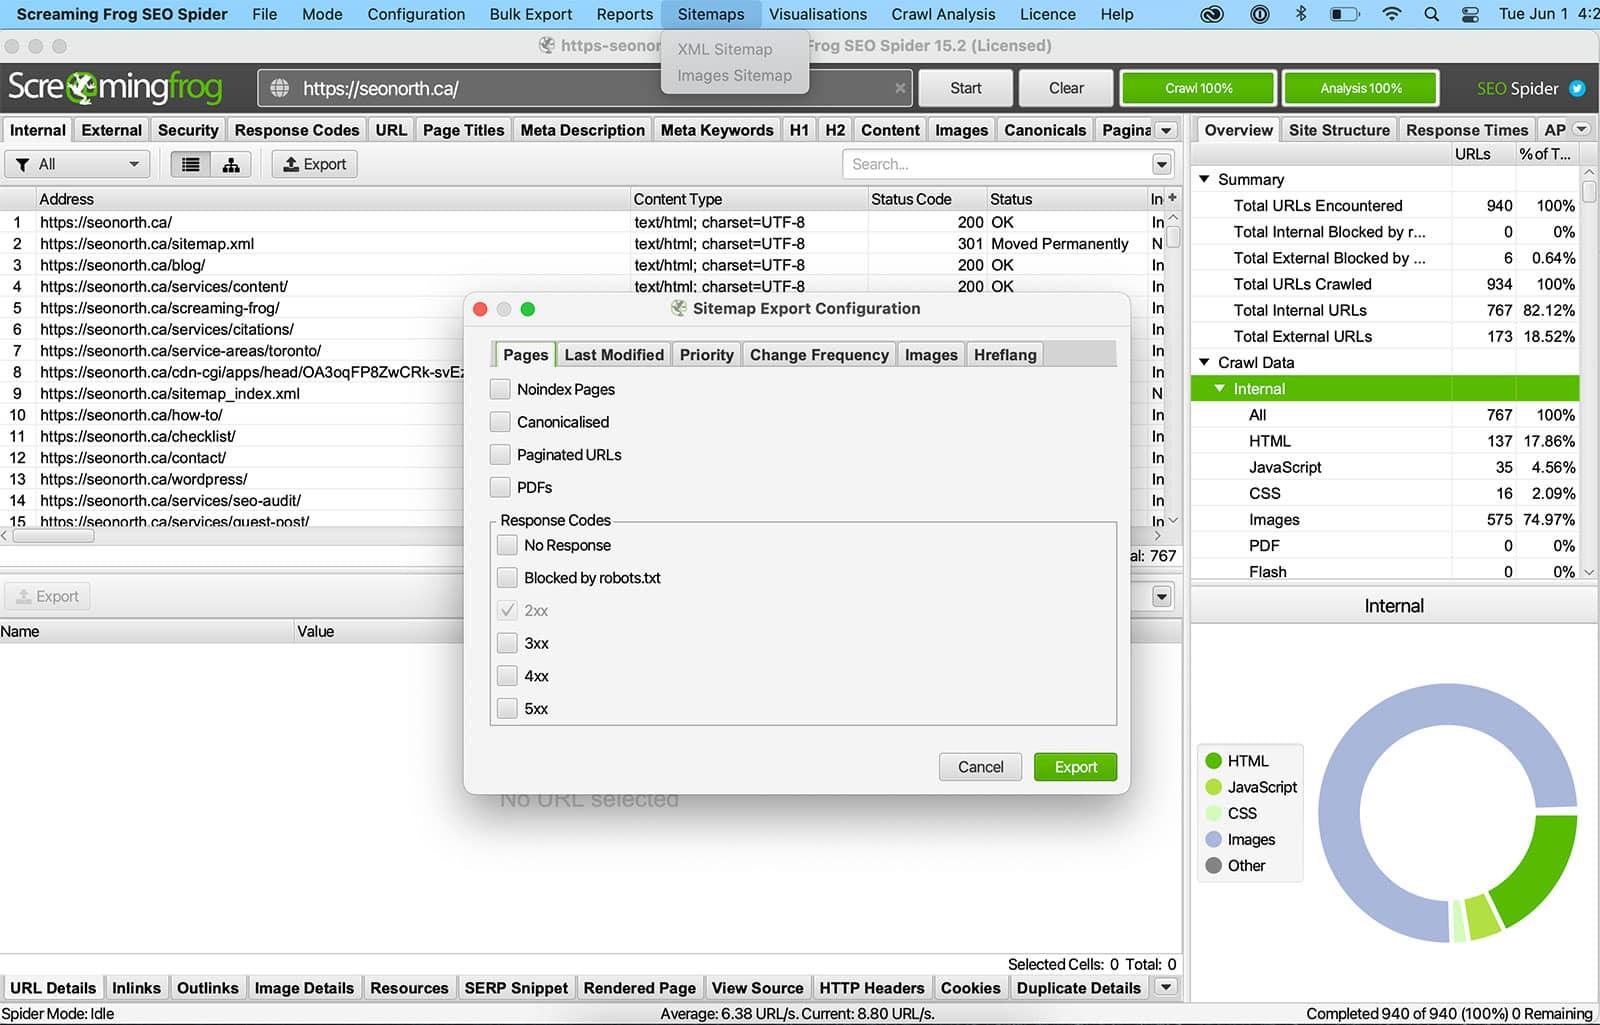 screaming frog: xml-sitemap export